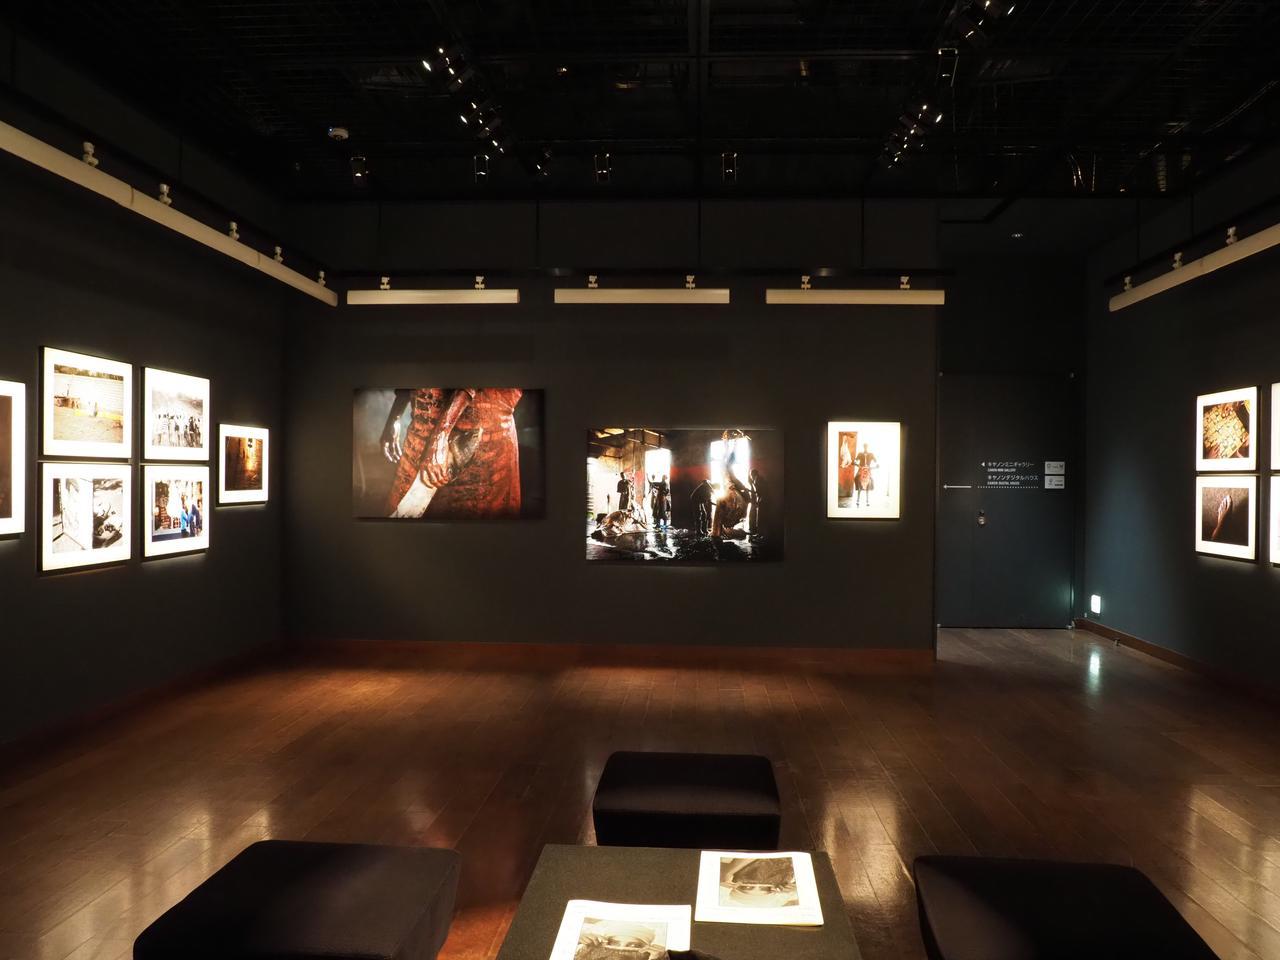 画像1: 矢島宏樹写真展「DAWN」がキヤノンギャラリー銀座で、 本日(3/22)より開催! 3/27(水)まで。